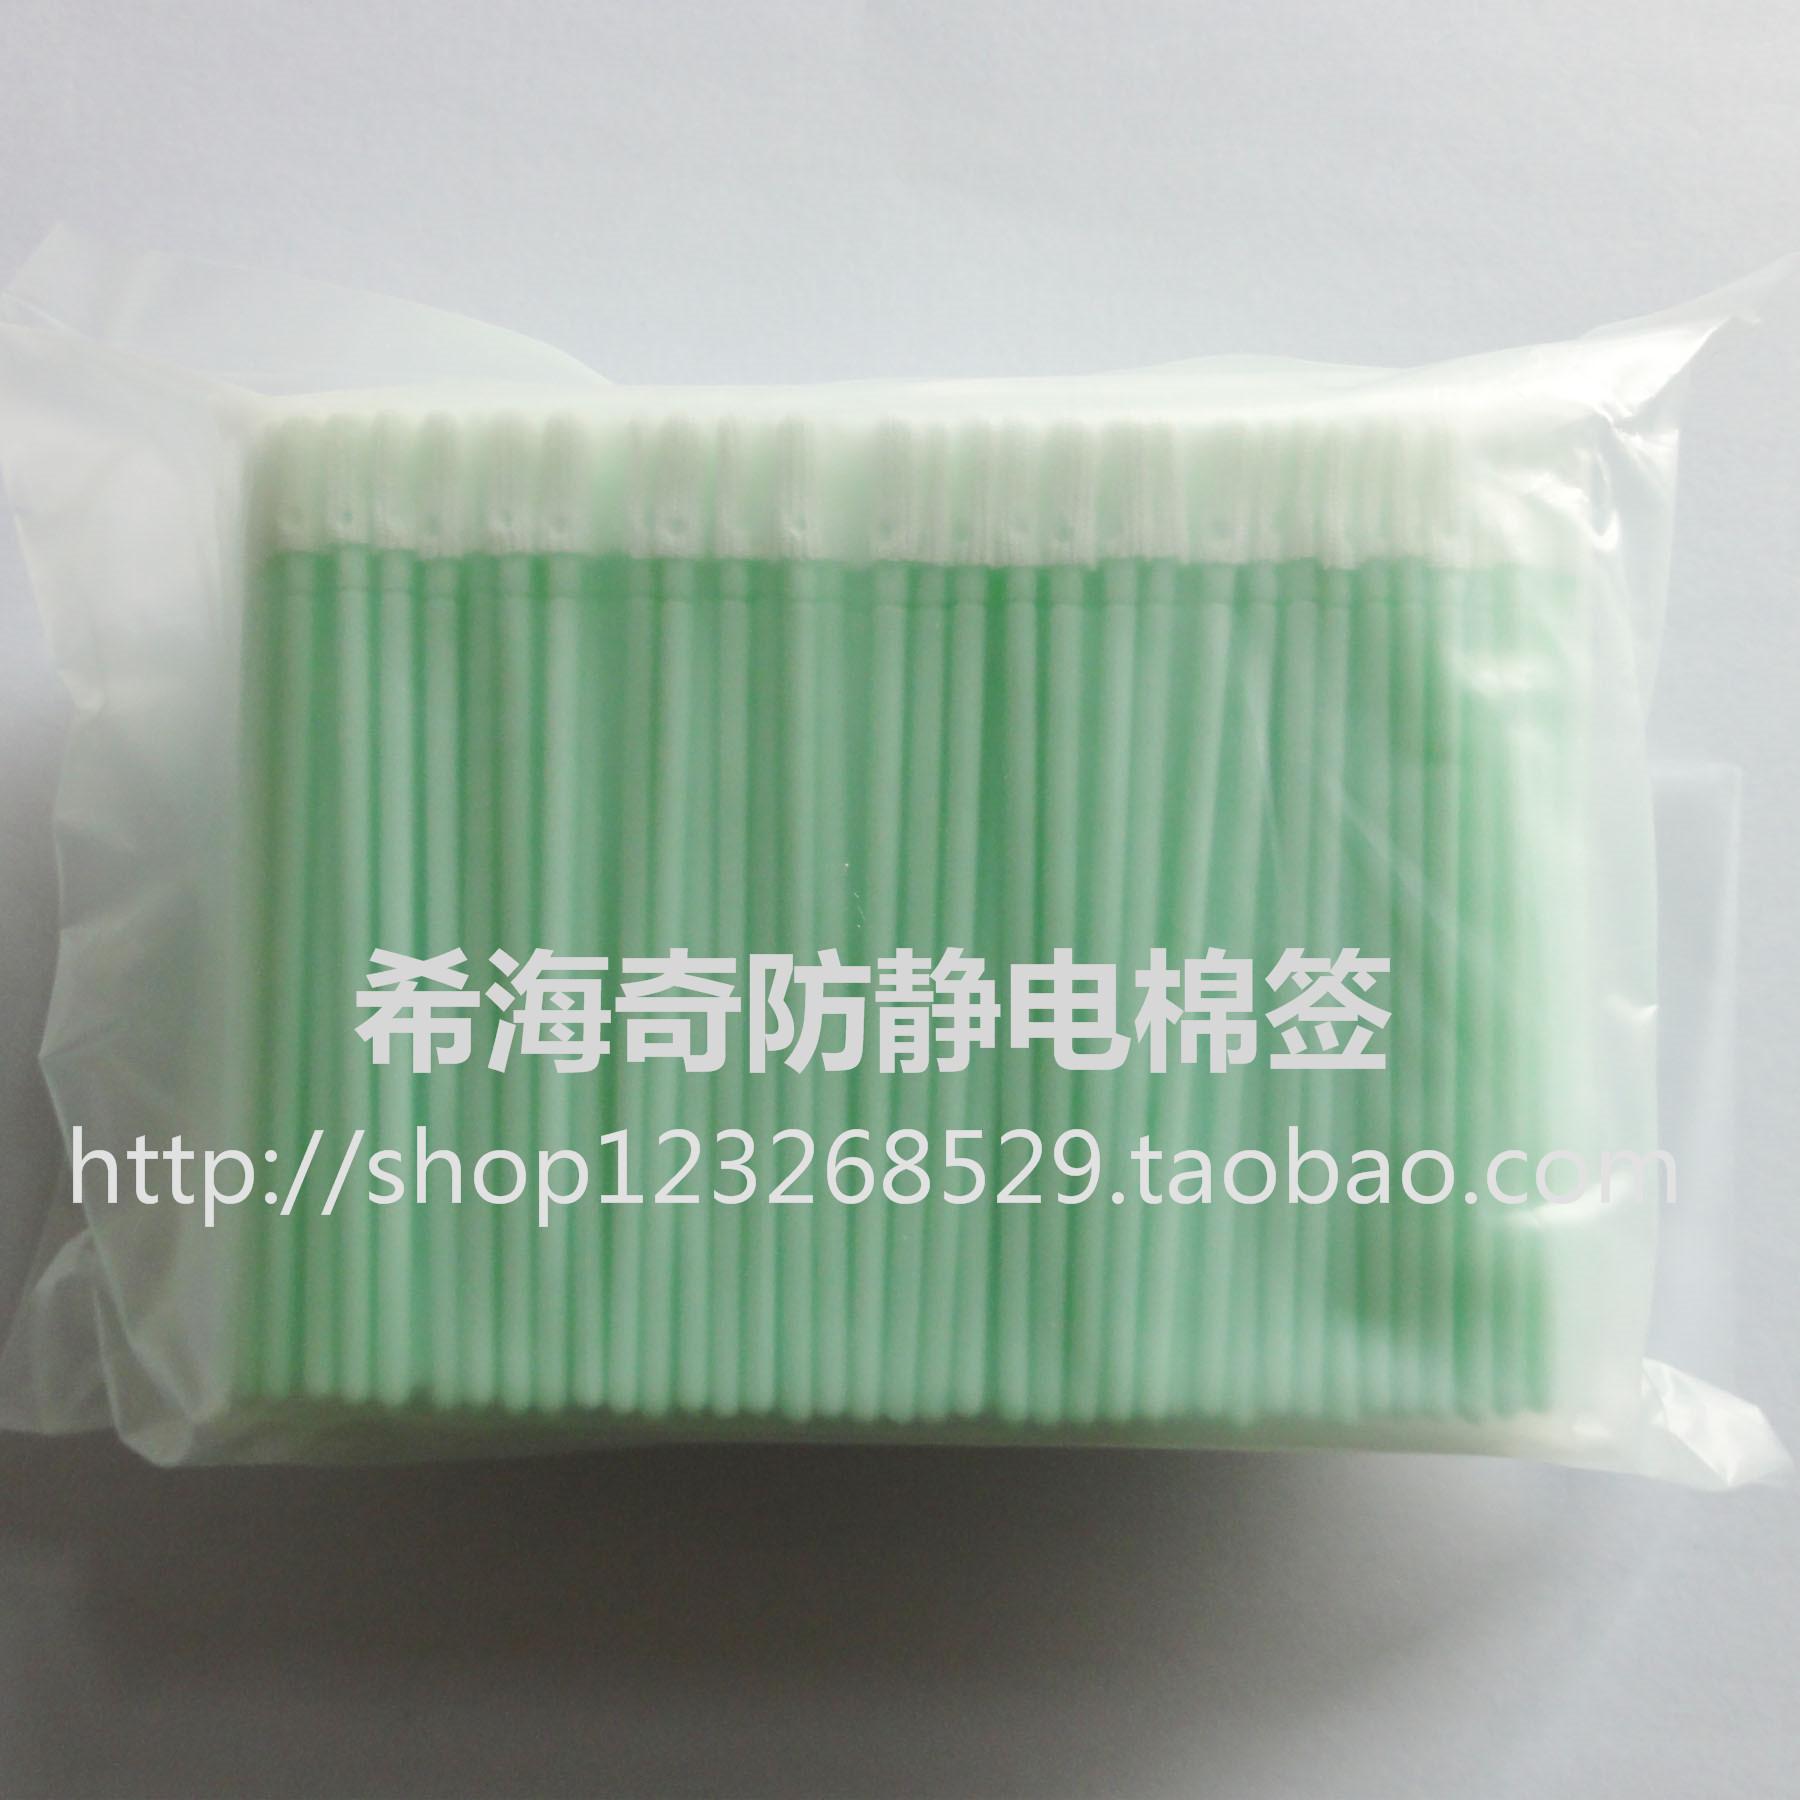 3包邮XH-PS758L防静电擦拭棒无尘净化棉签代替无尘产品TX758L